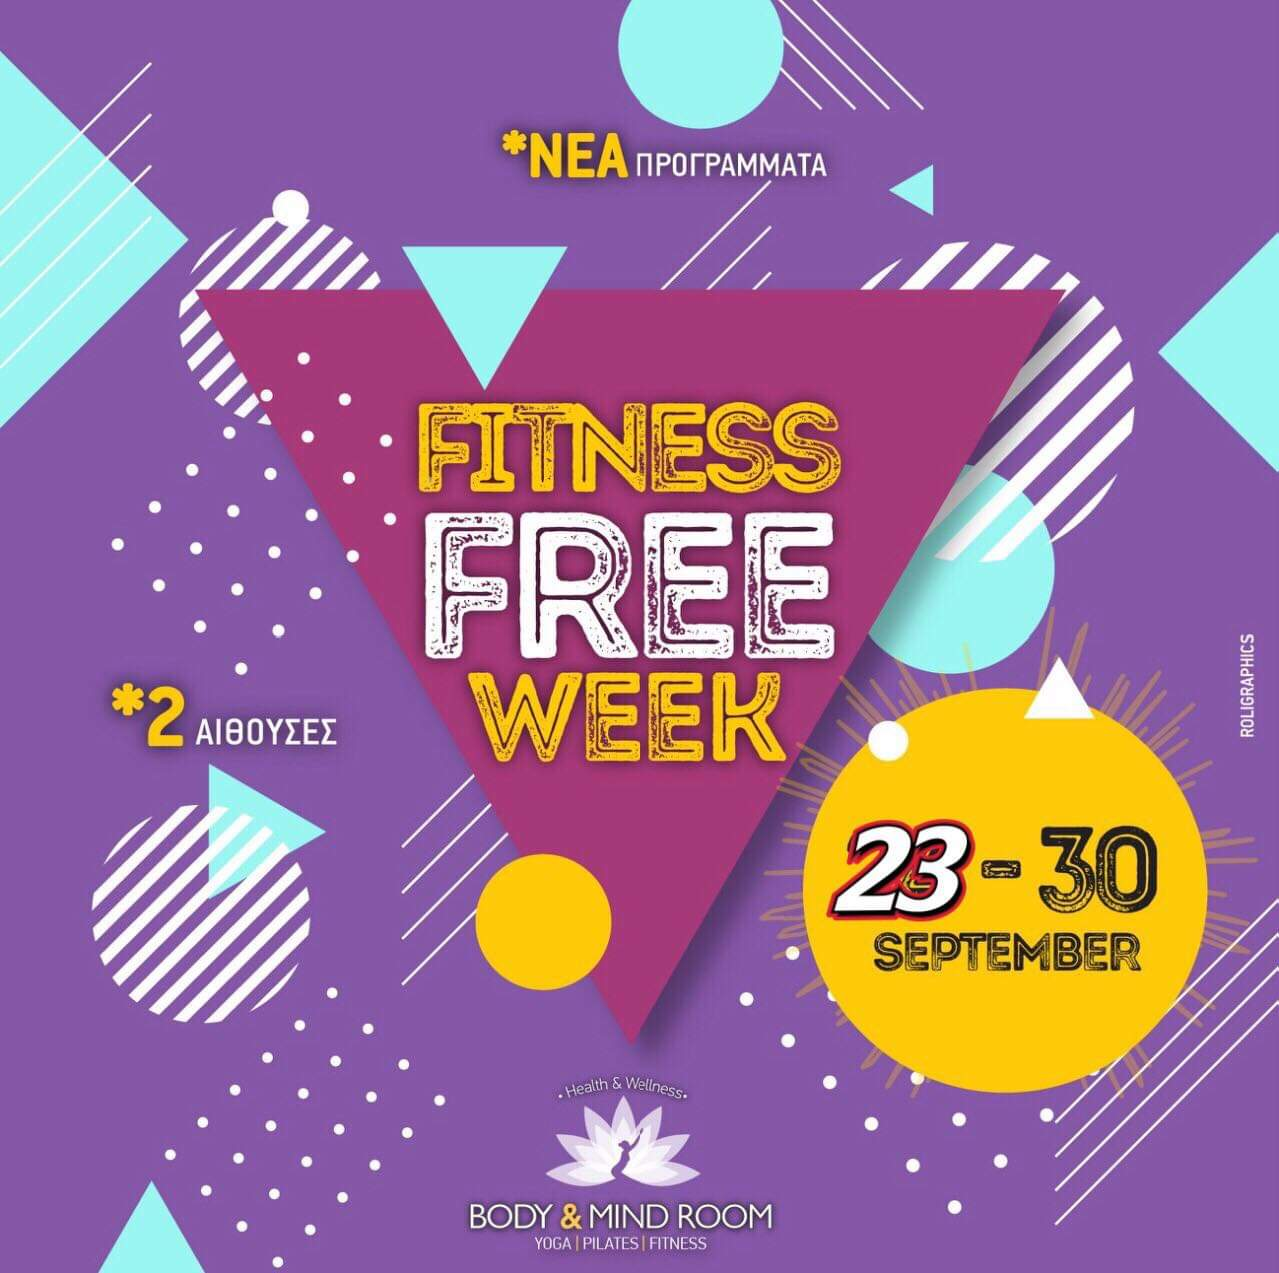 Free-week-classes